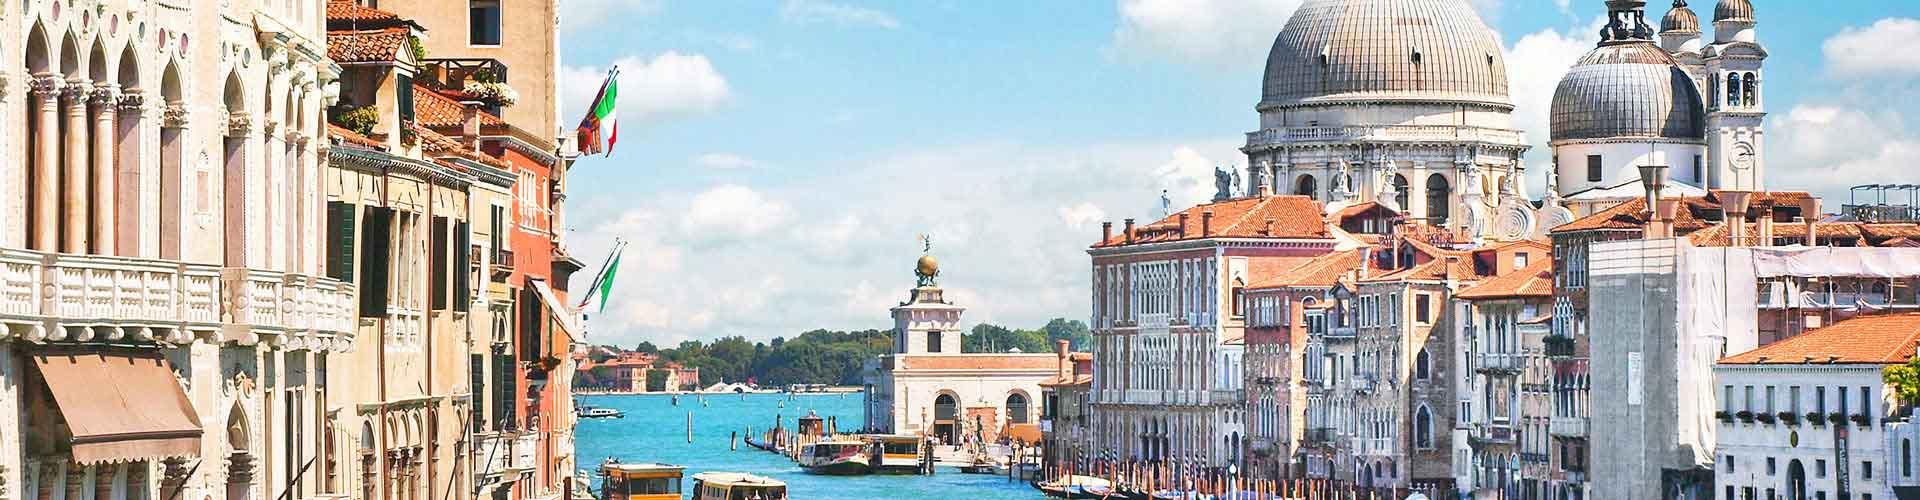 Wenecja - Hostele w mieście: Wenecja, Mapy: Wenecja, Zdjęcia i Recenzje dla każdego hostelu w mieście Wenecja.